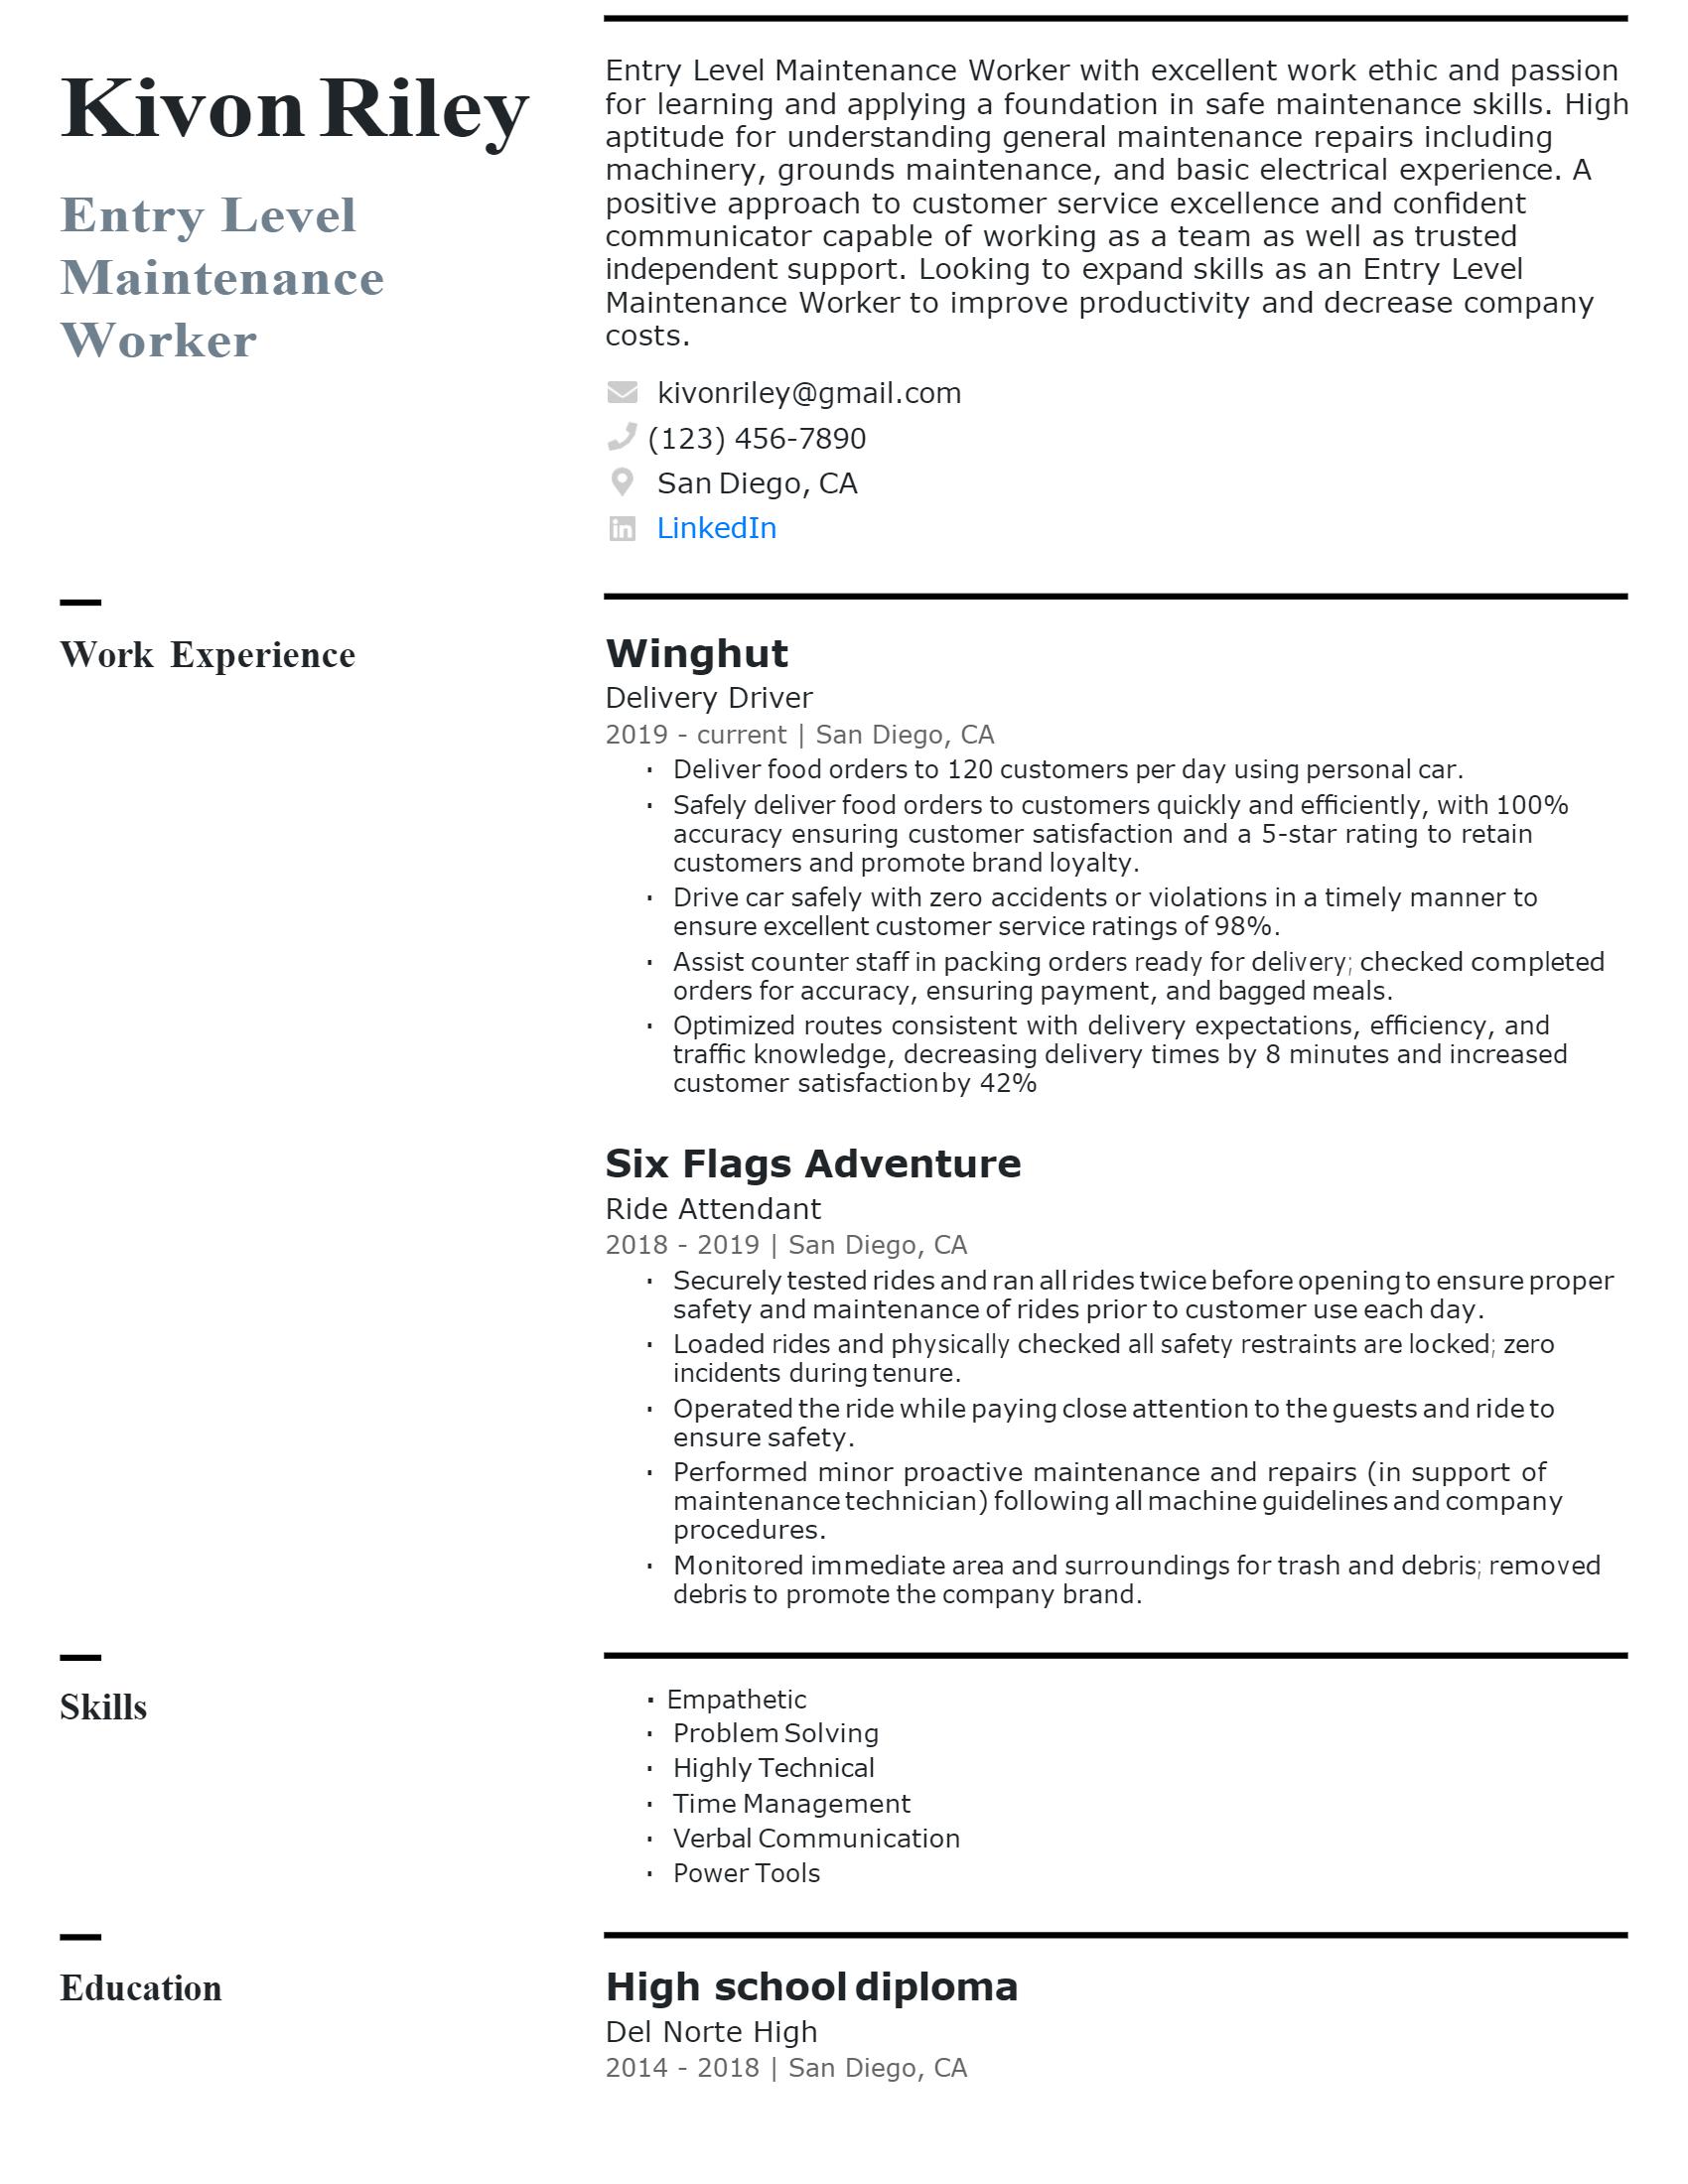 Entry-level Maintenance Resume